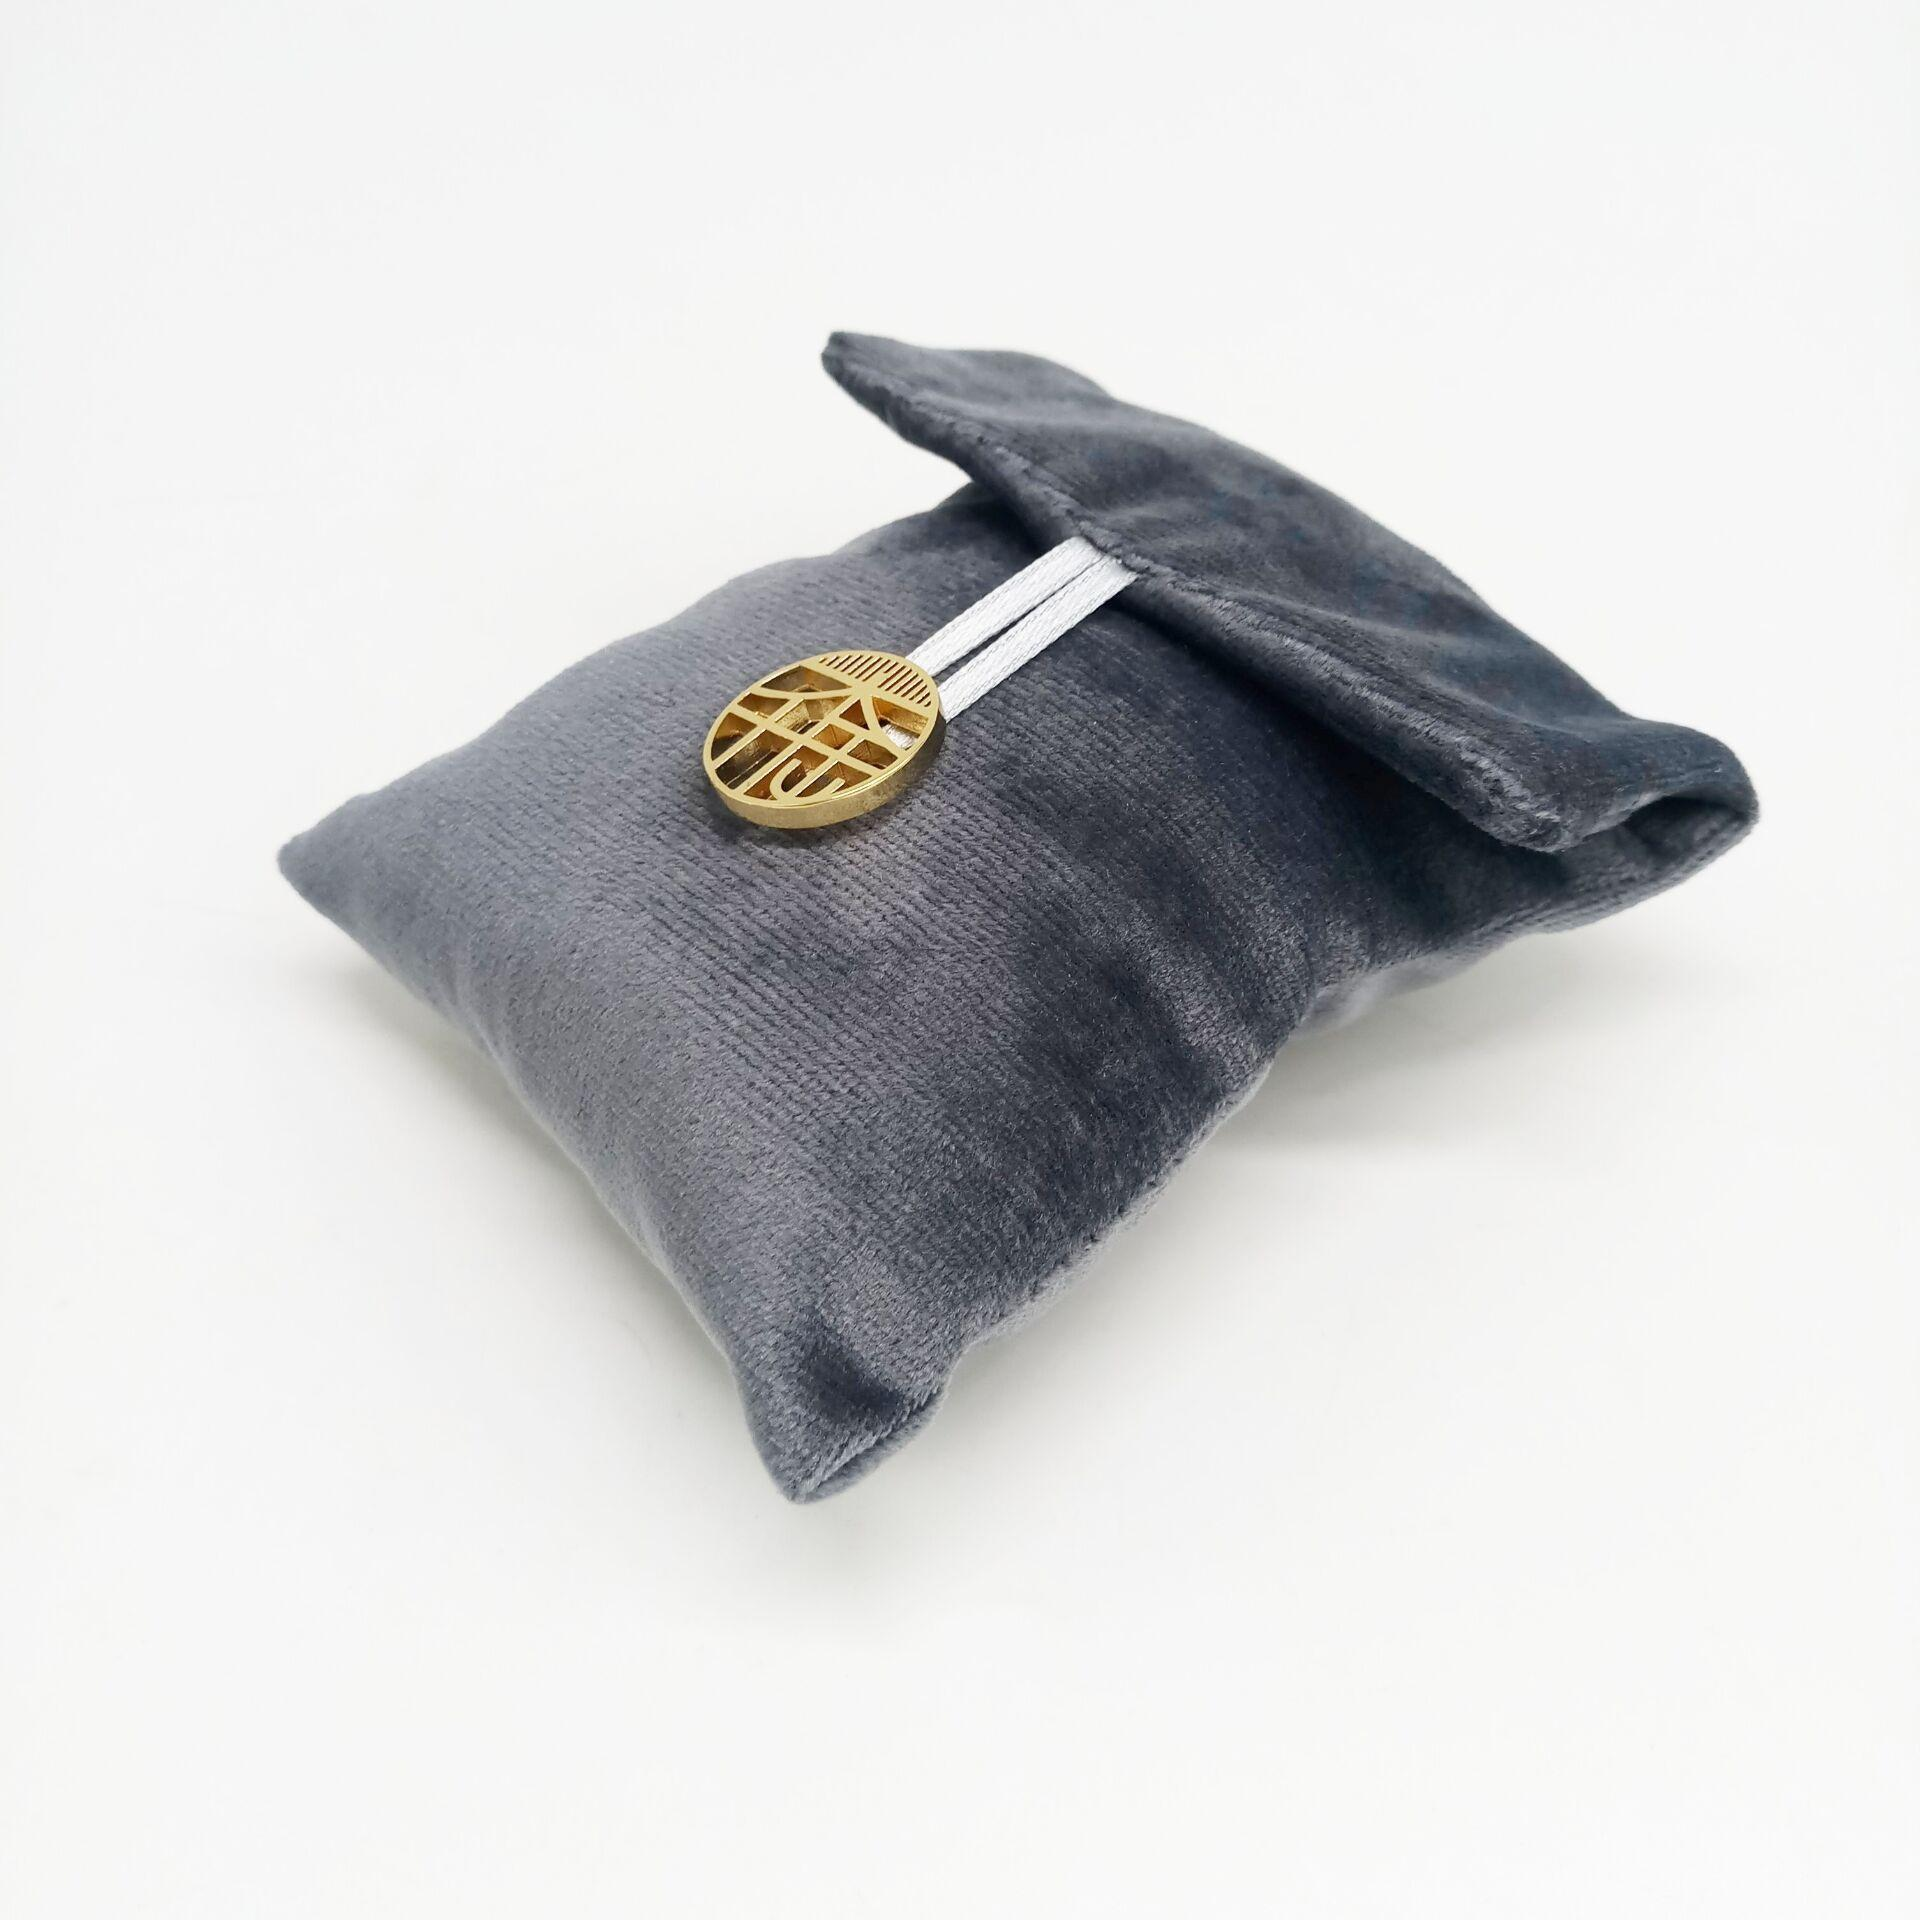 فاخر مخصص البسيطة الجلد المدبوغ ستوكات مغلف مجوهرات الحقيبة لأقراط قلادة خواتم سوار التخزين حقيبة مجوهرات الحقيبة